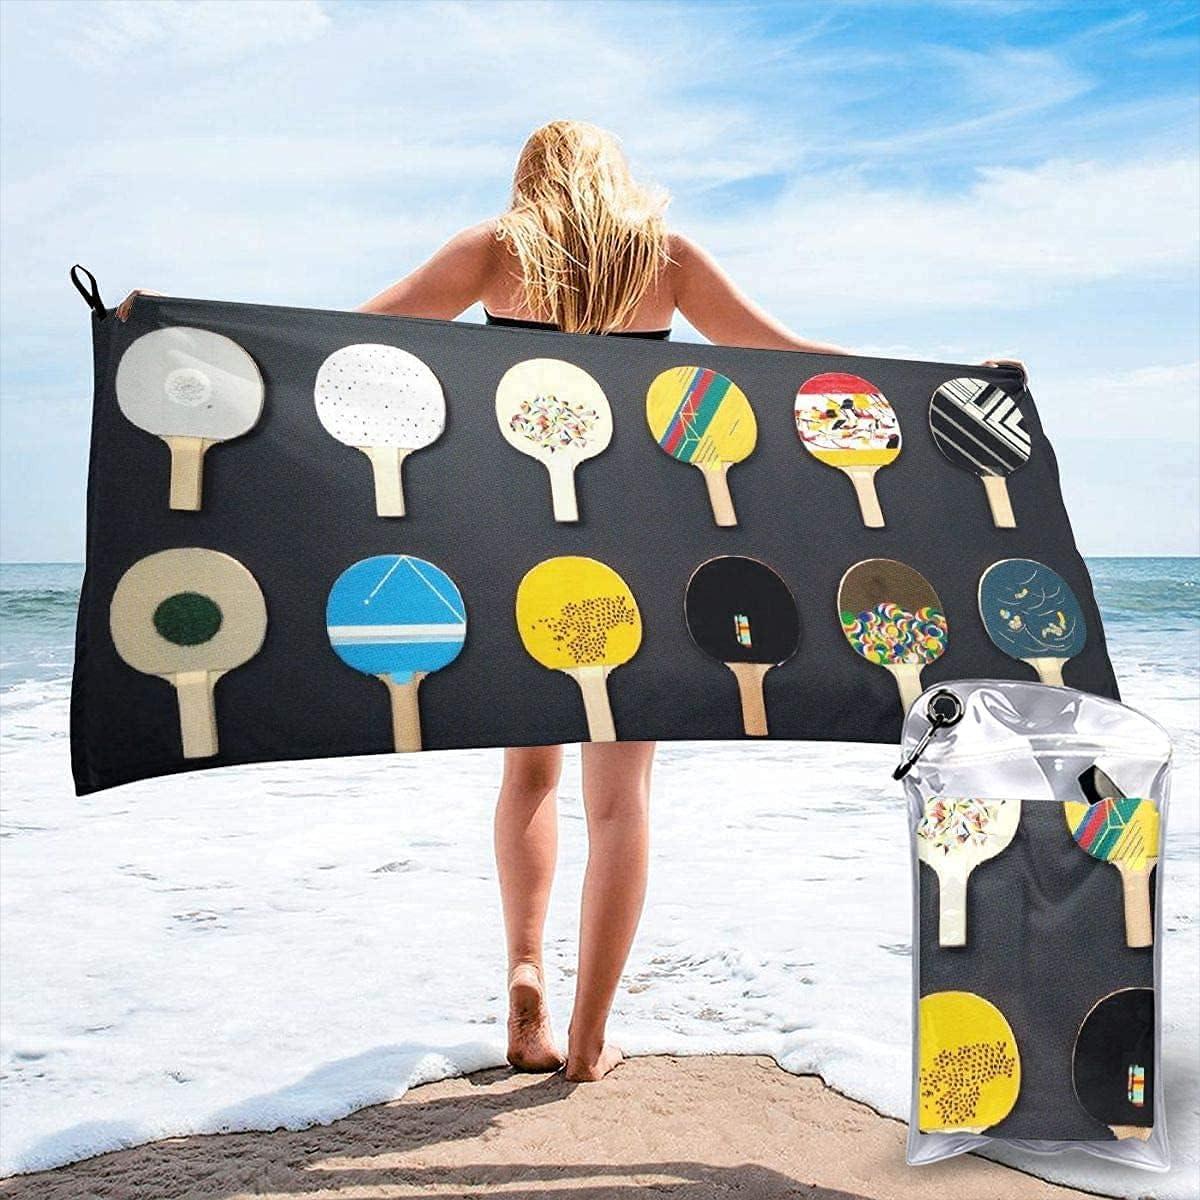 Toalla de Playa de Microfibra de Ping Pong para Tenis de Mesa, Toalla súper Absorbente de Secado rápido, portátil para Llevar, para Gimnasio, natación, Yoga y Camping